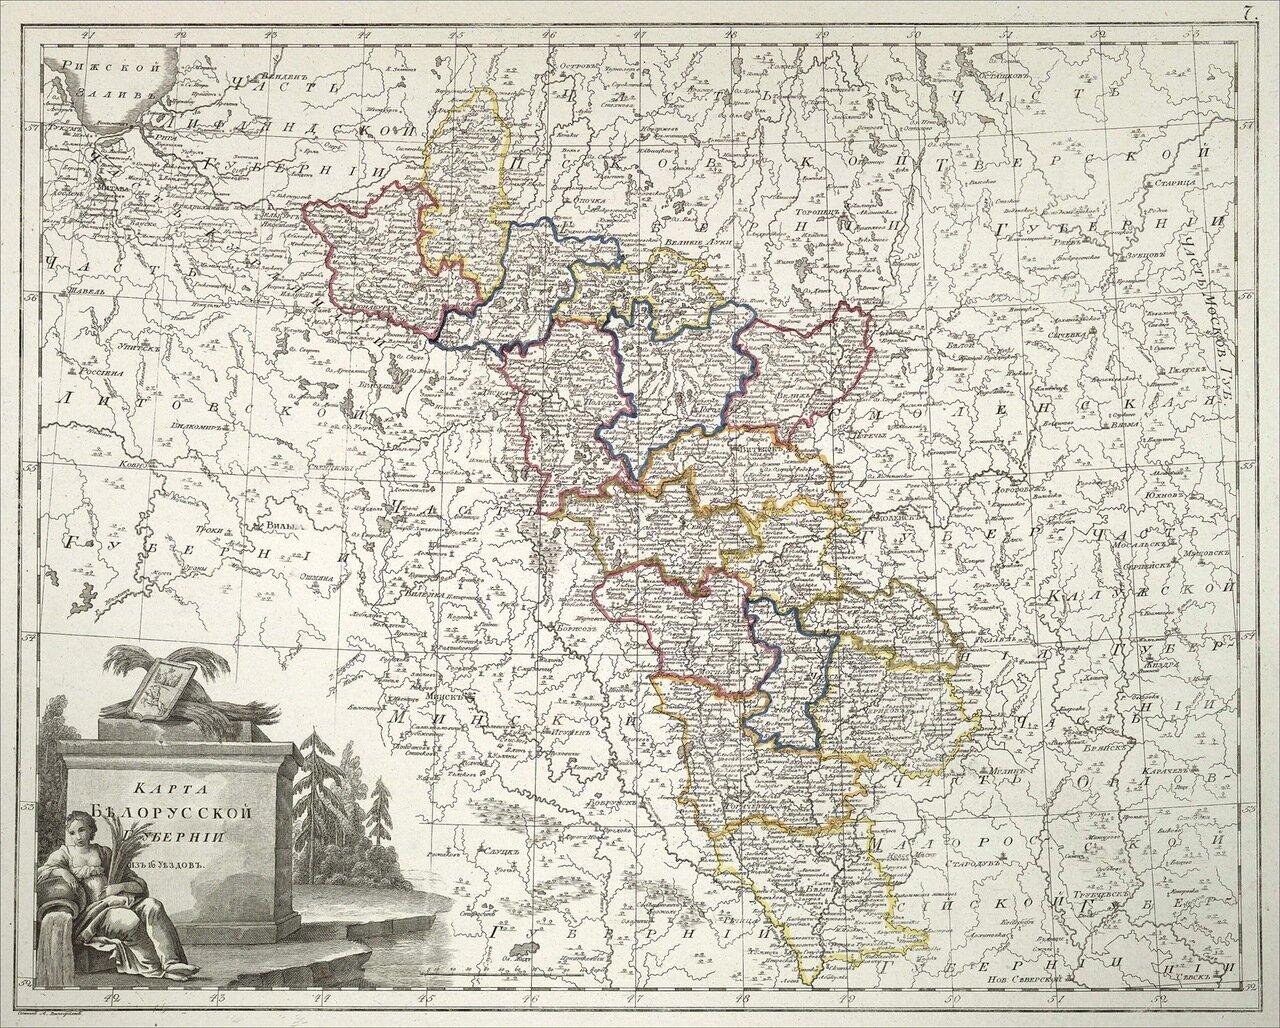 1800. Карта Белорусской губернии